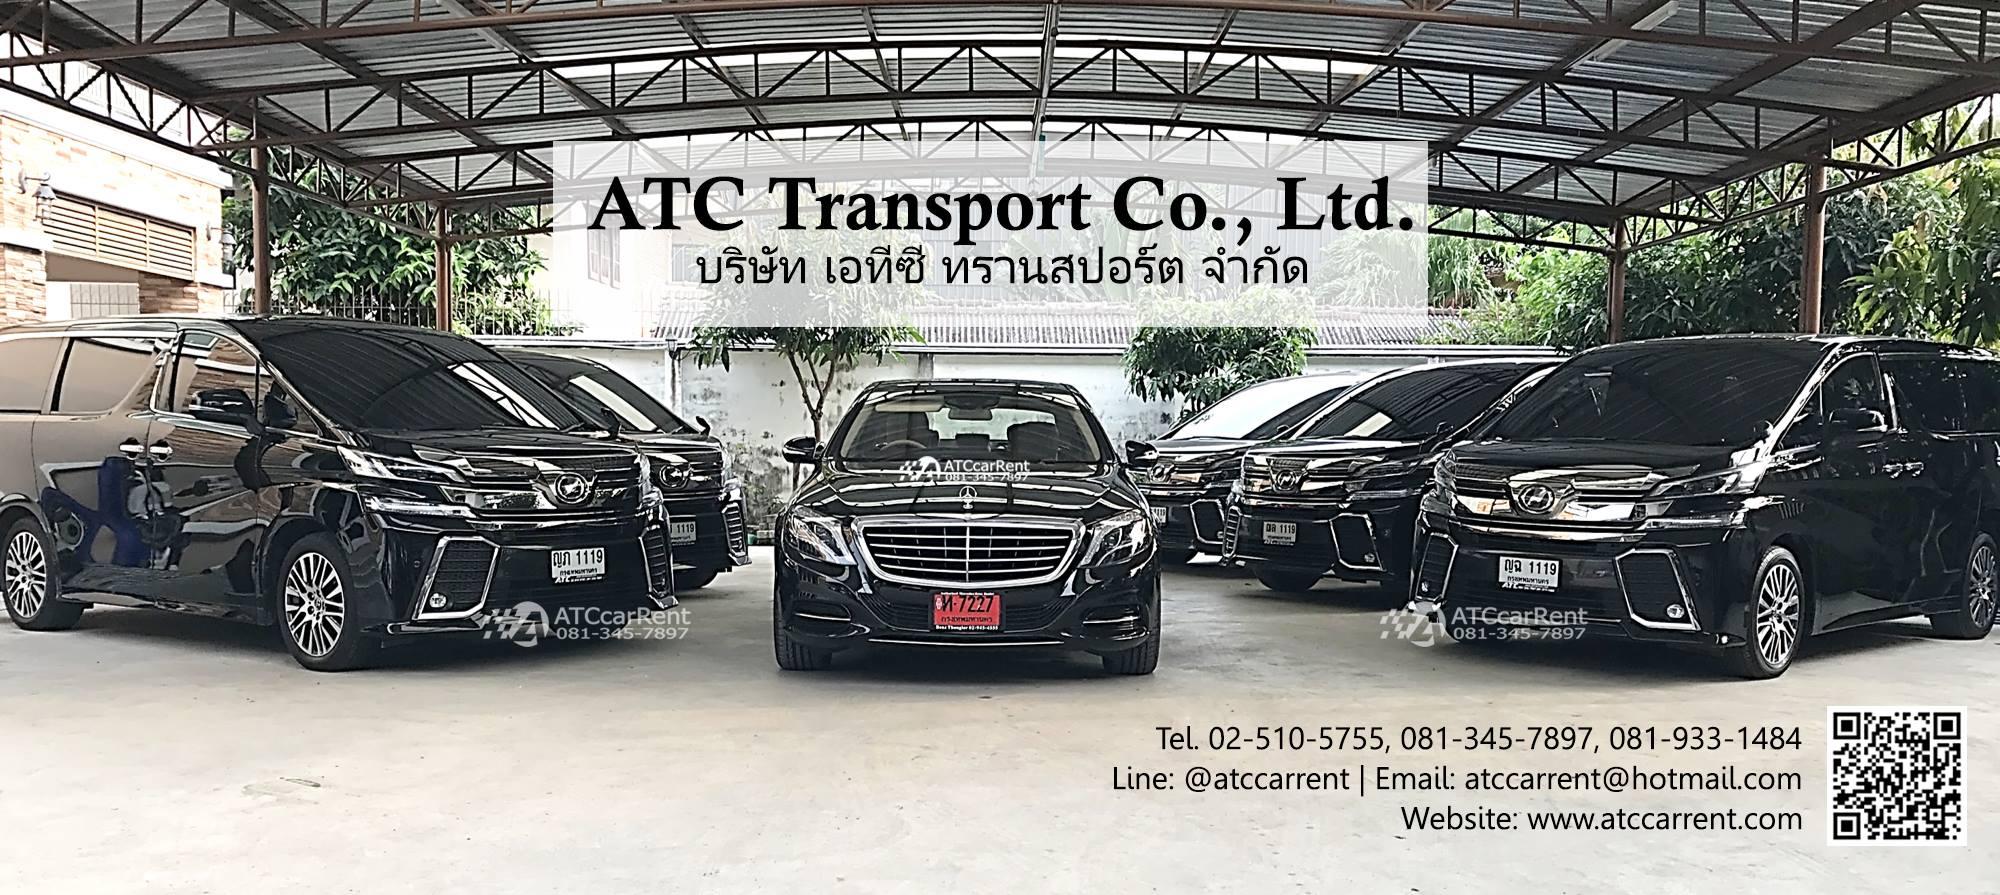 บริษัทเช่ารถหรู ATC Transports